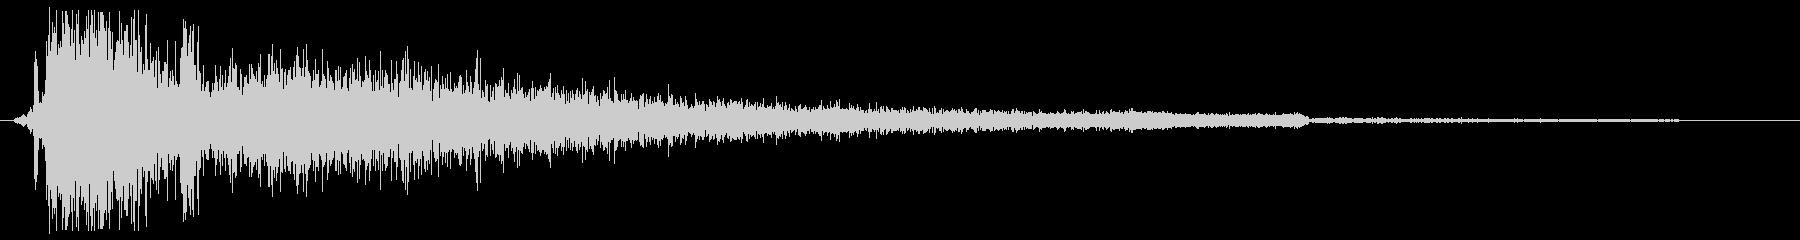 ガシーン(接触の音)の未再生の波形